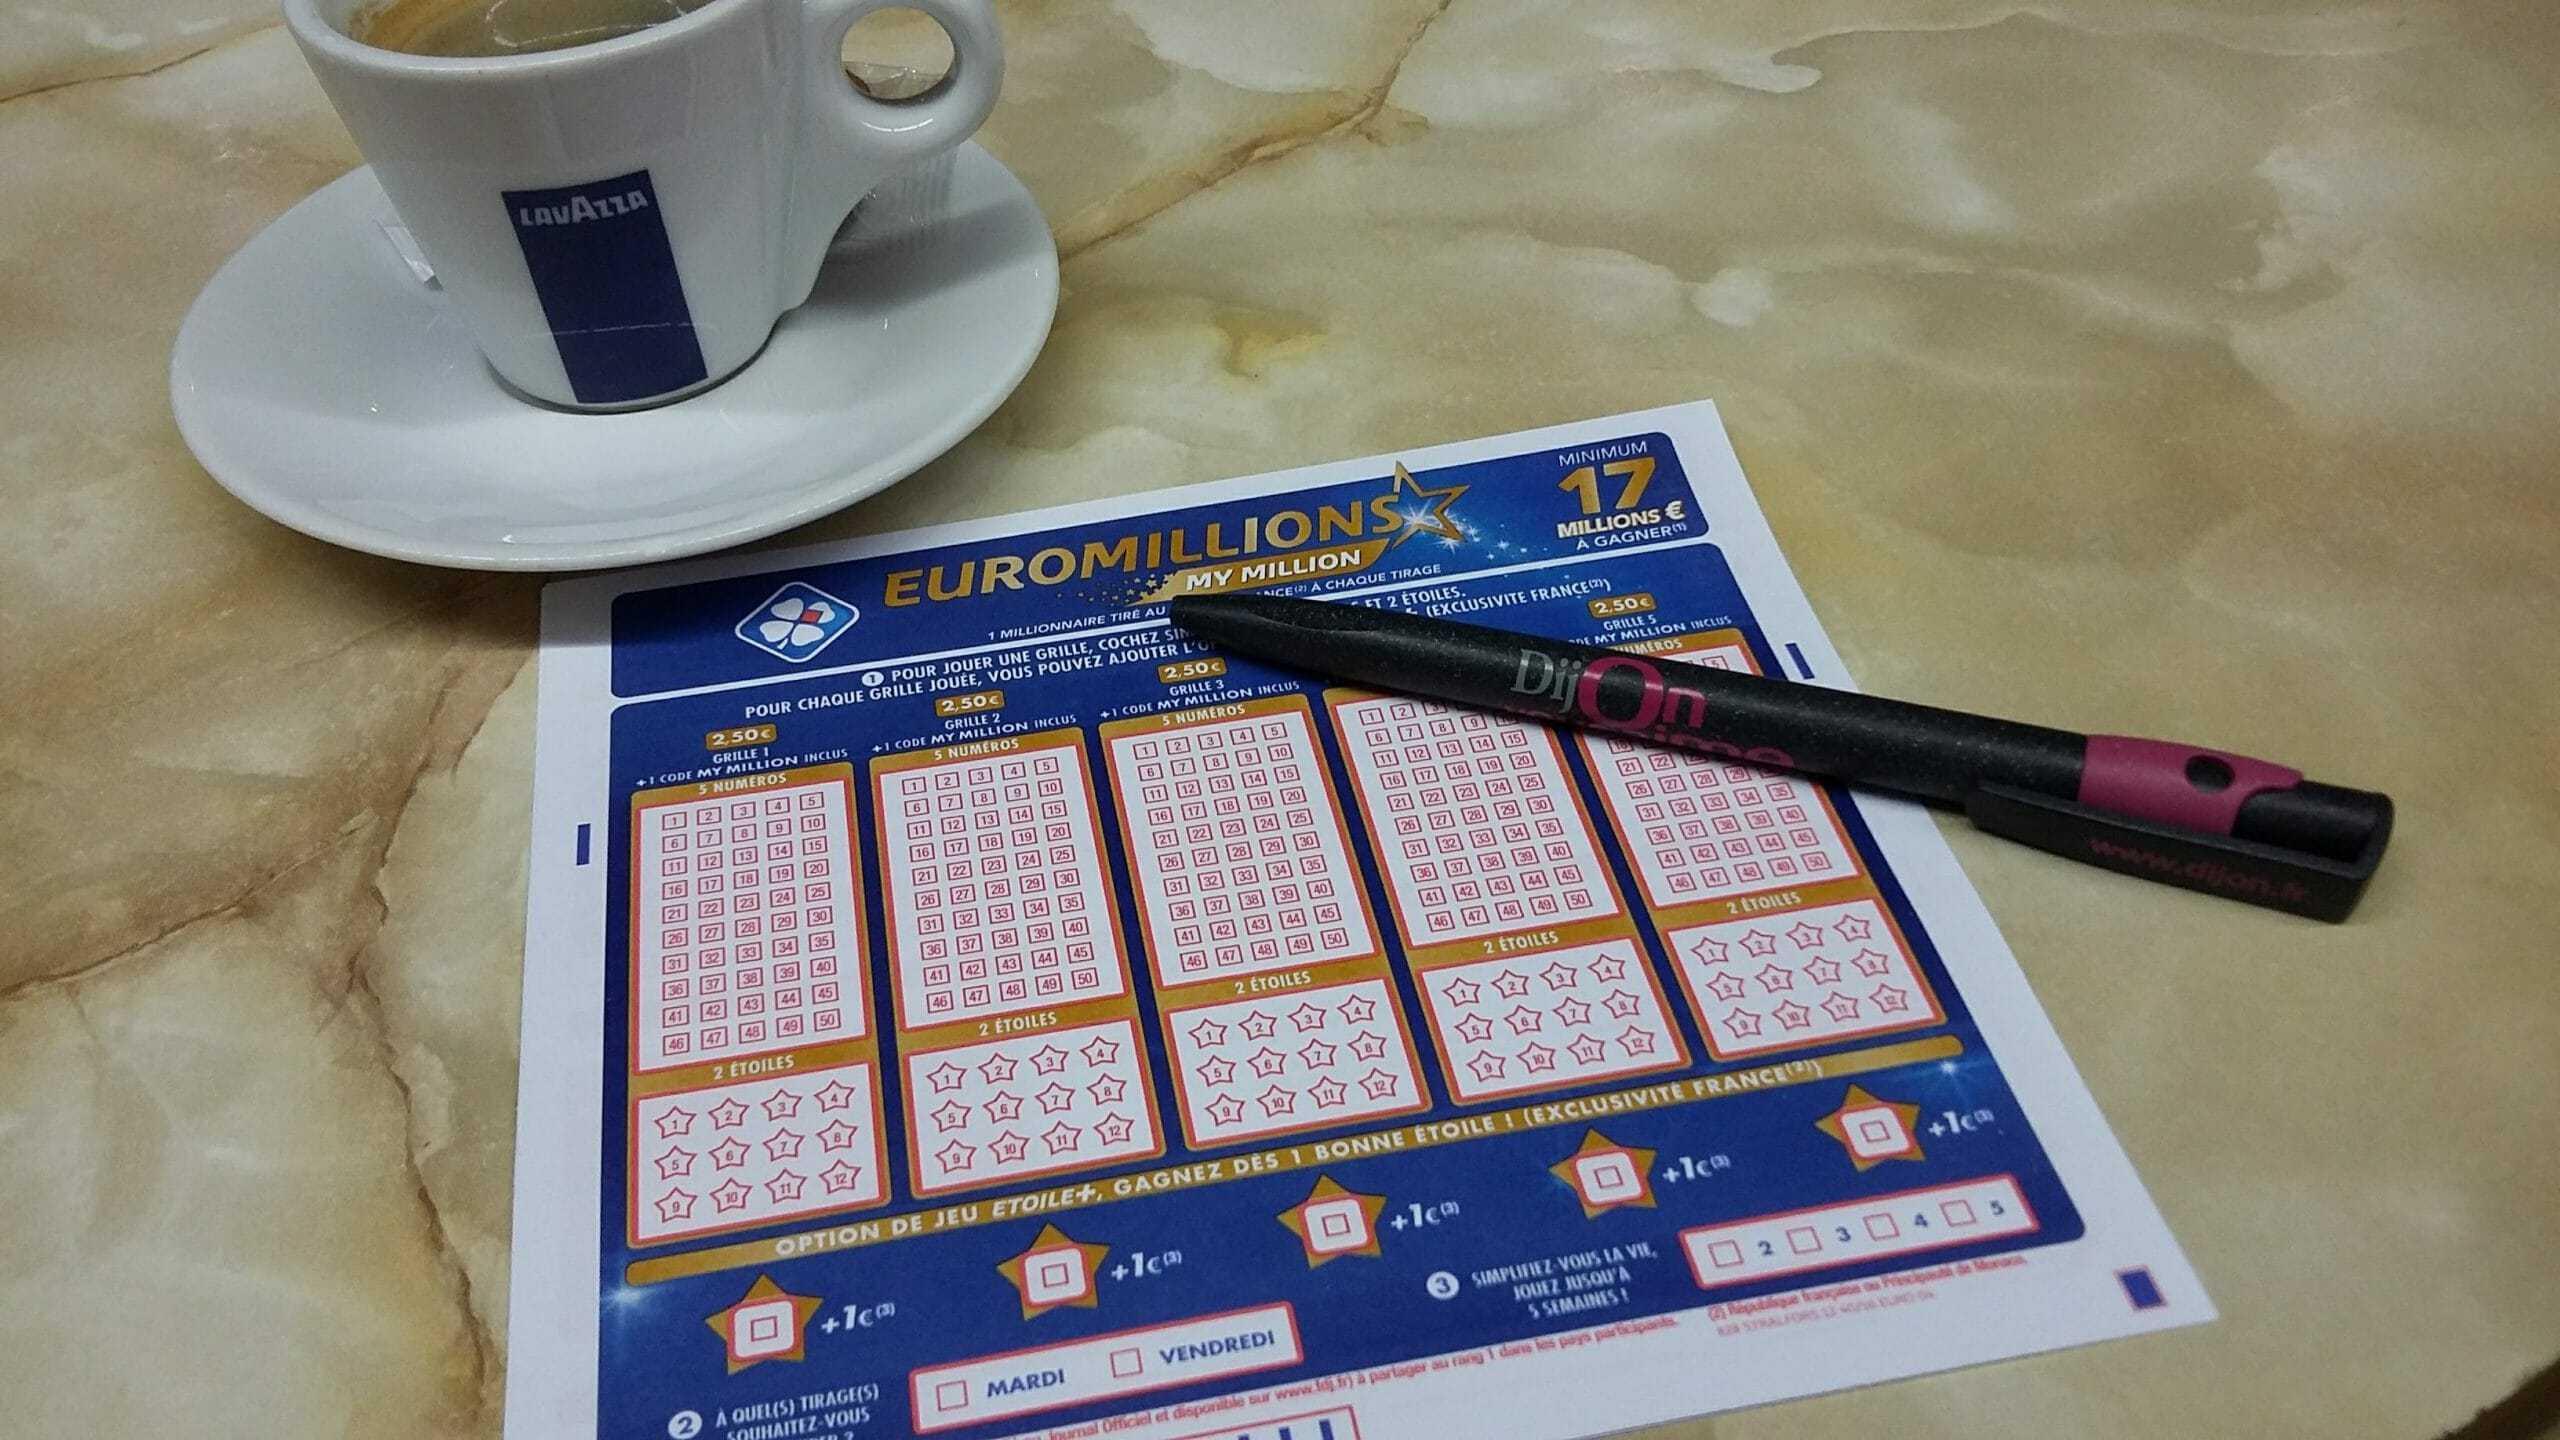 نتائج Euromillions | المطبوعات الأخيرة & السابق